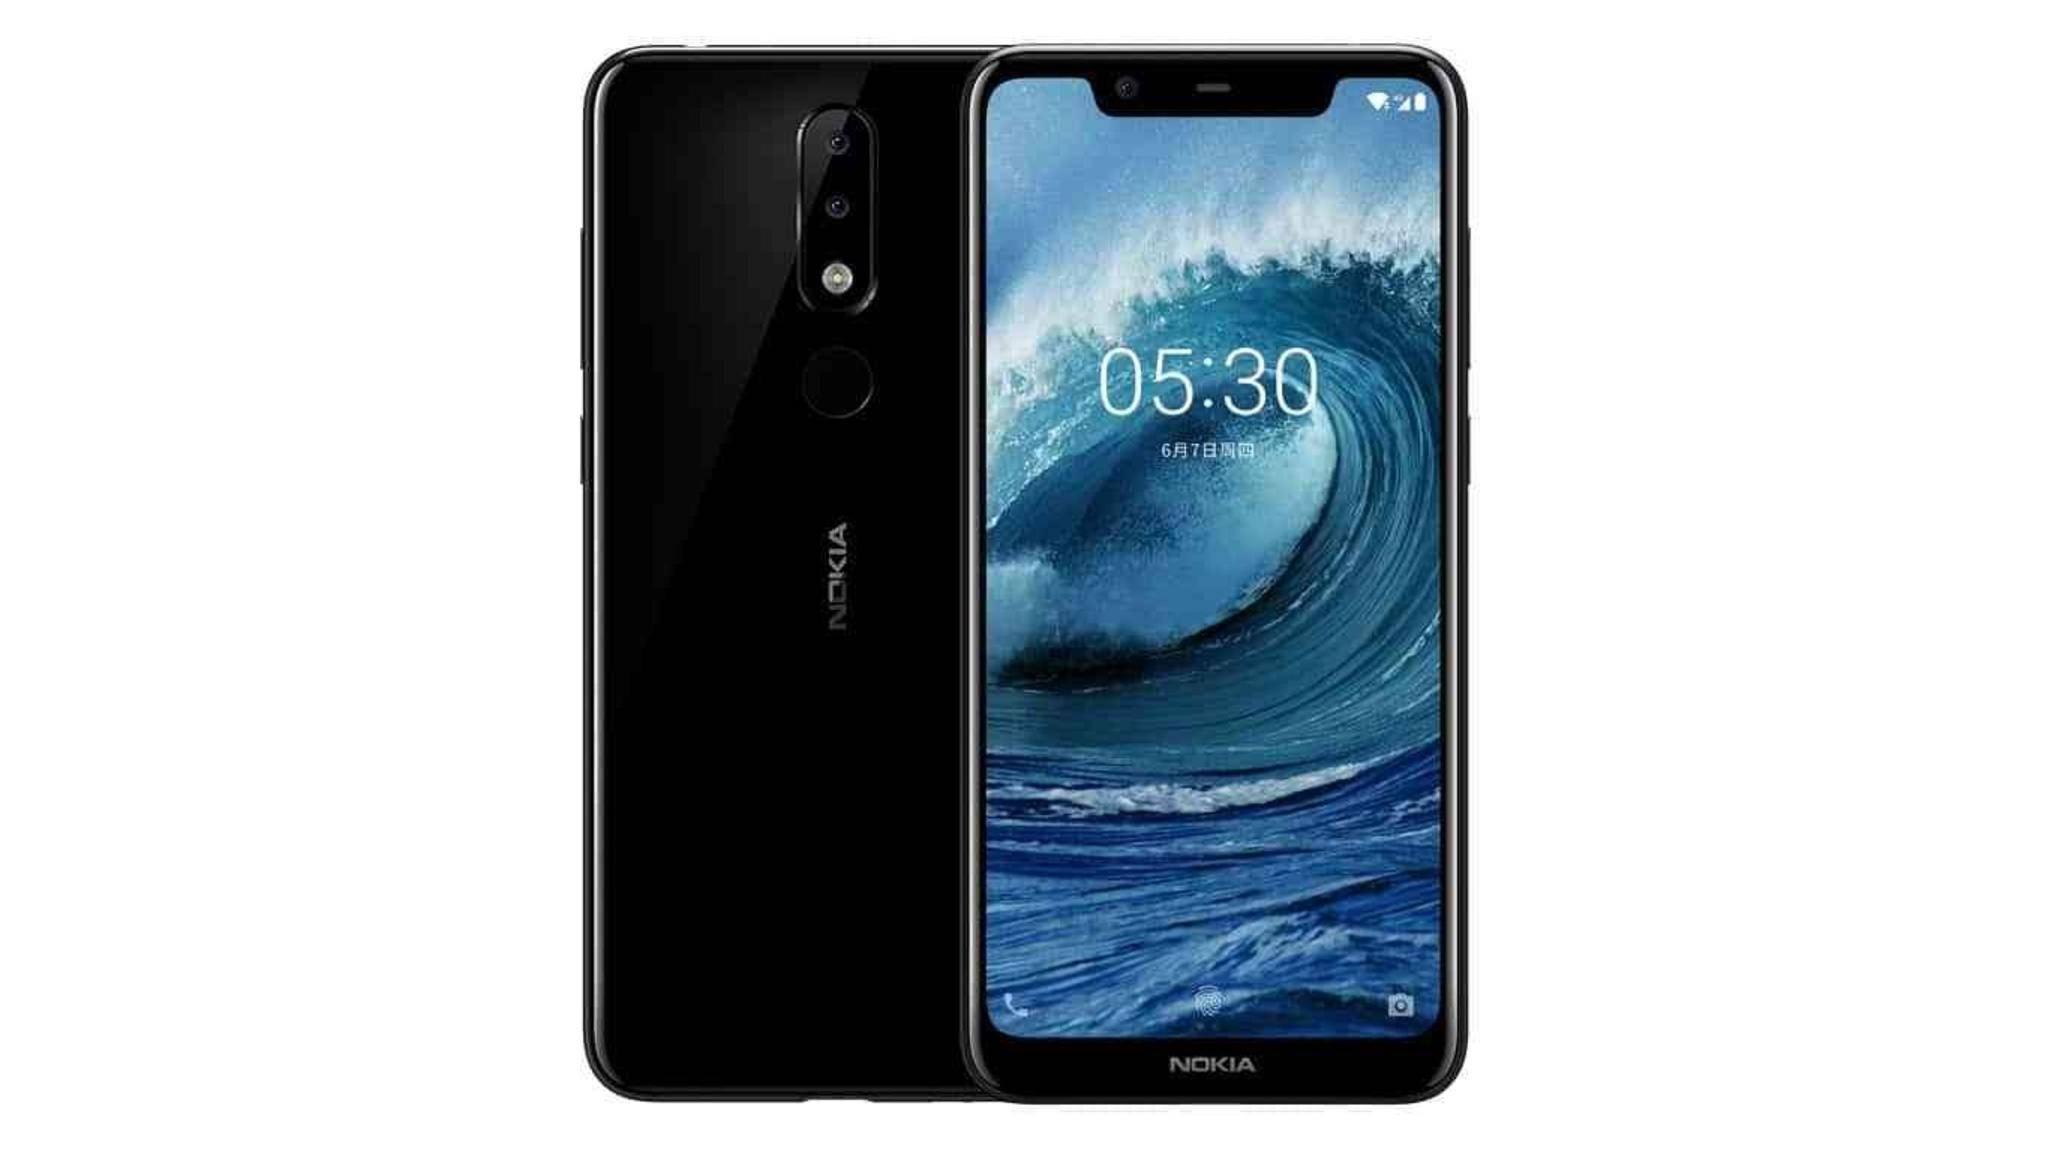 Das Plus-Modell des Nokia 5.1 könnte ein echter Preisbrecher werden.